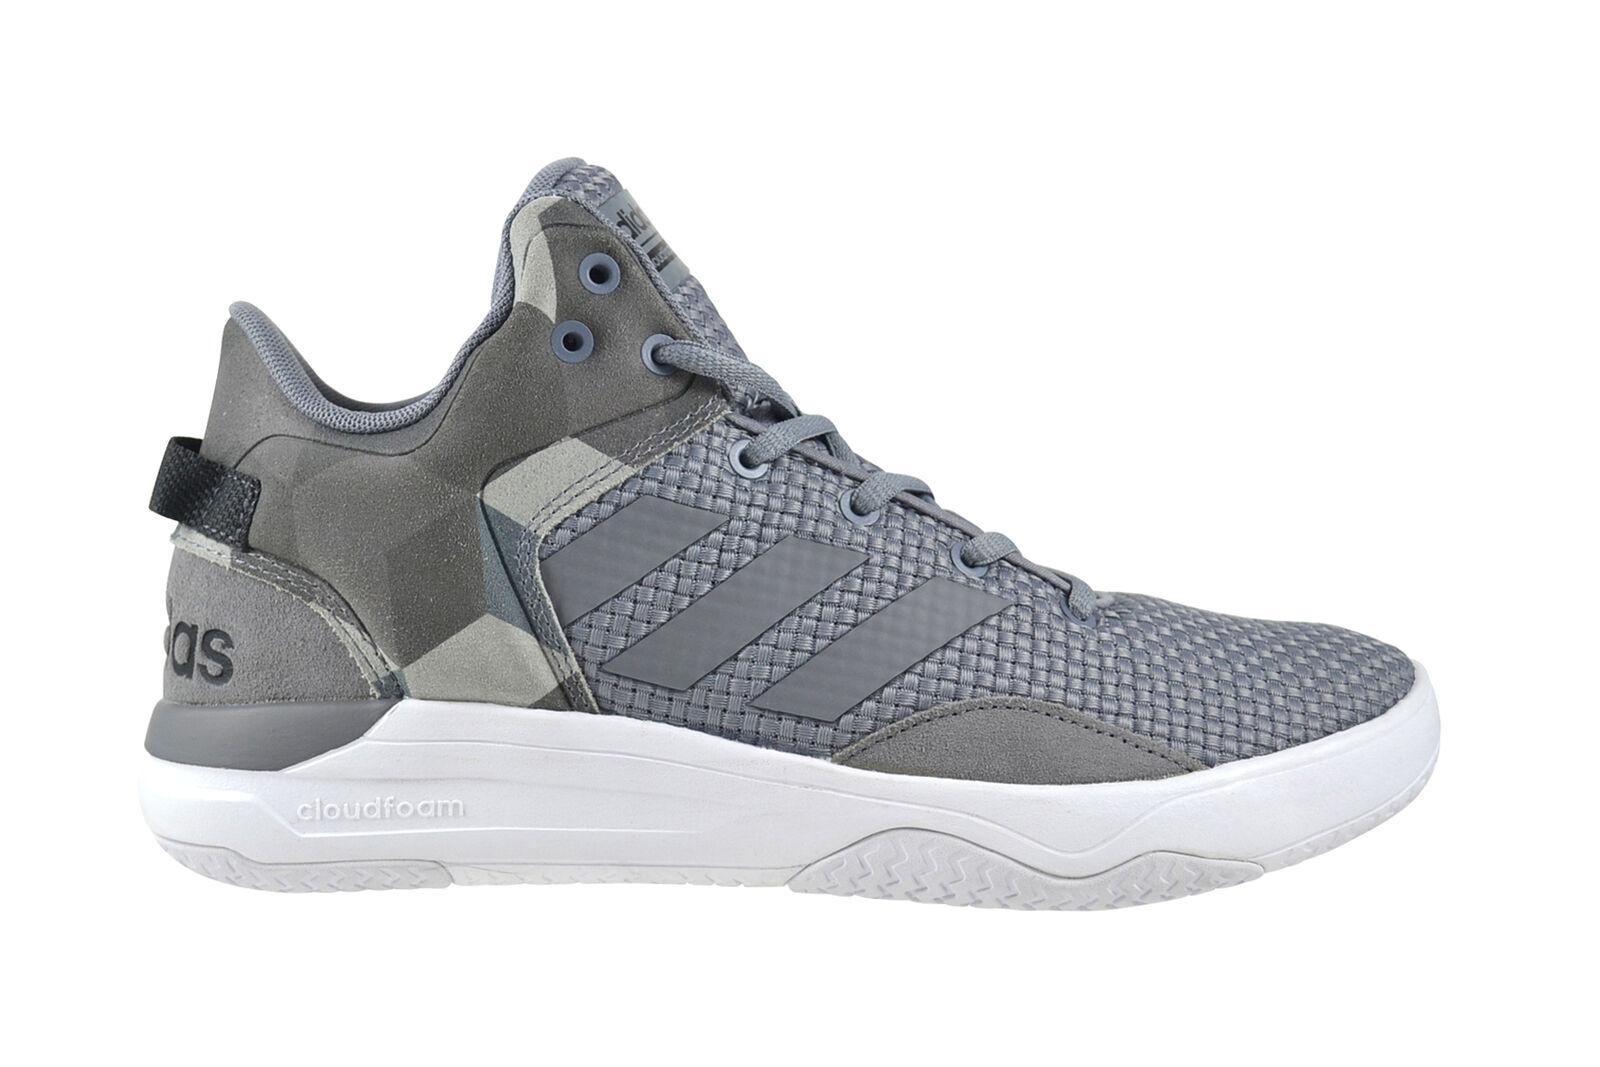 ADIDAS cloudfoam revival Mid Grey Black Scarpe Sneaker Grigio aw3950 | Diversified Nella Confezione  | Uomo/Donne Scarpa